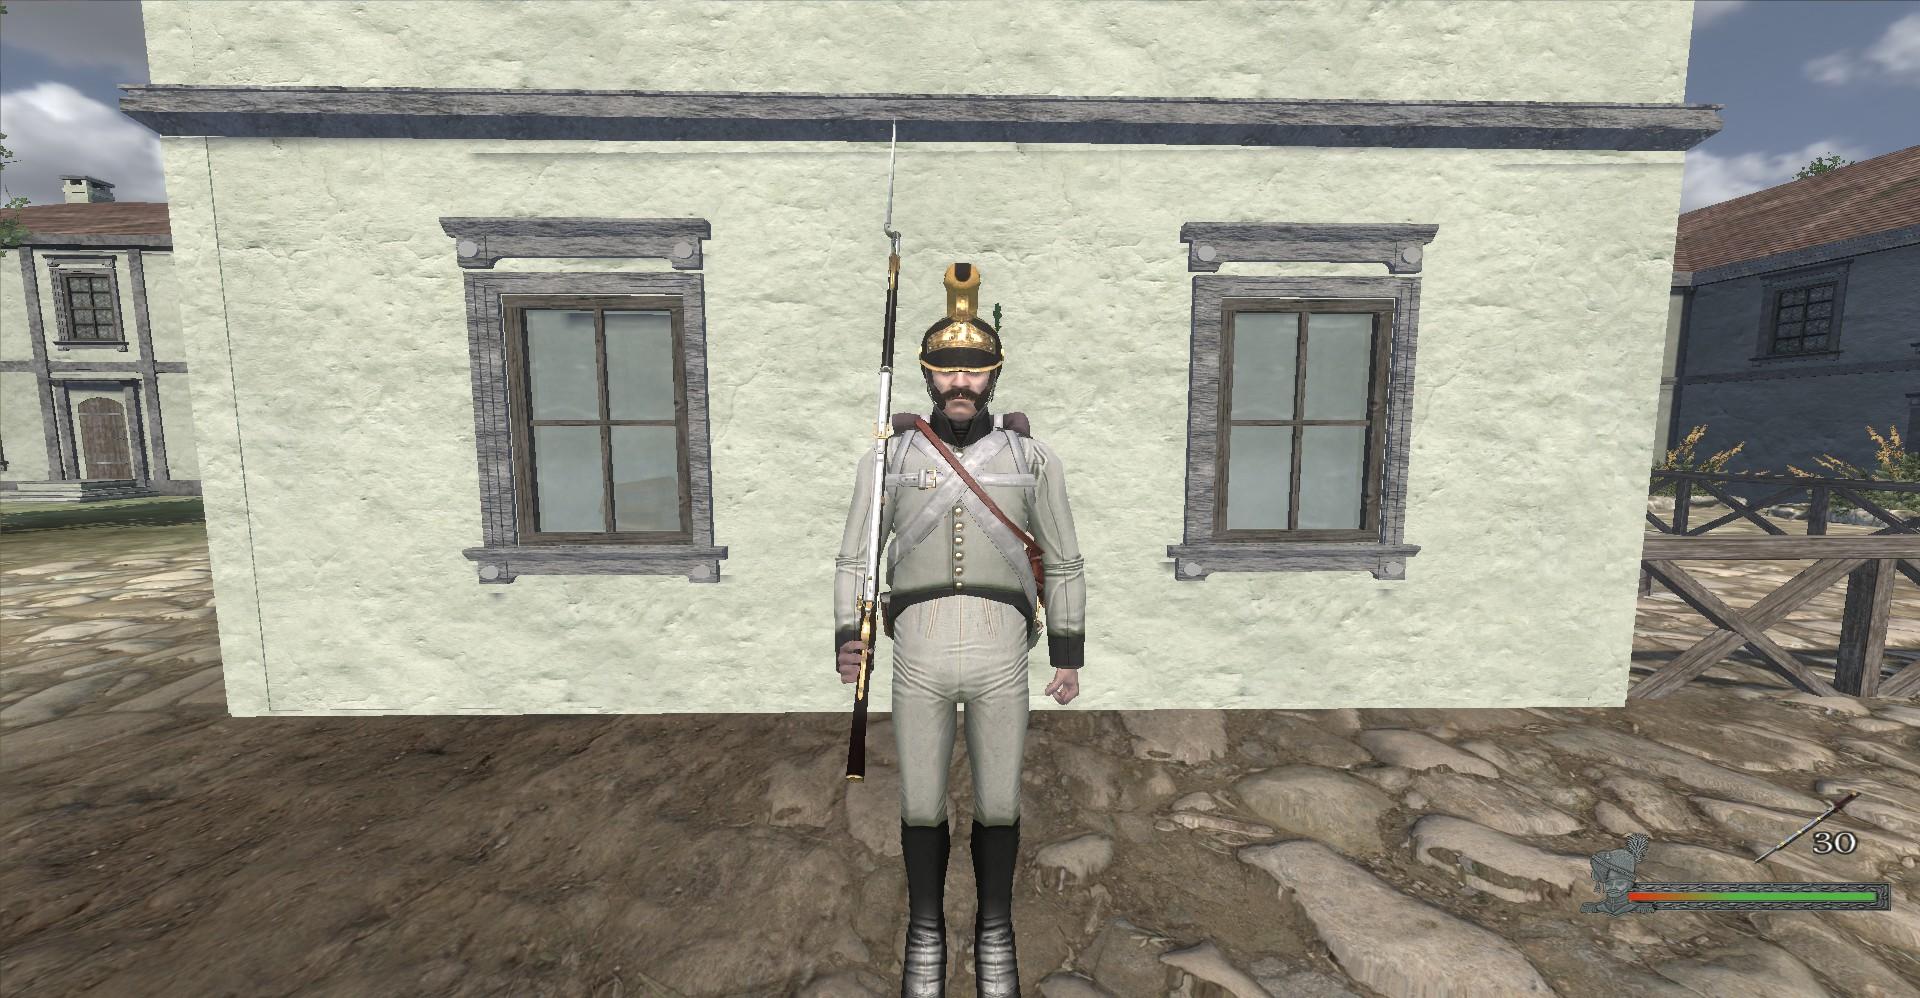 Infantrie Regiment Erzherzog Rudolf Nr. 14